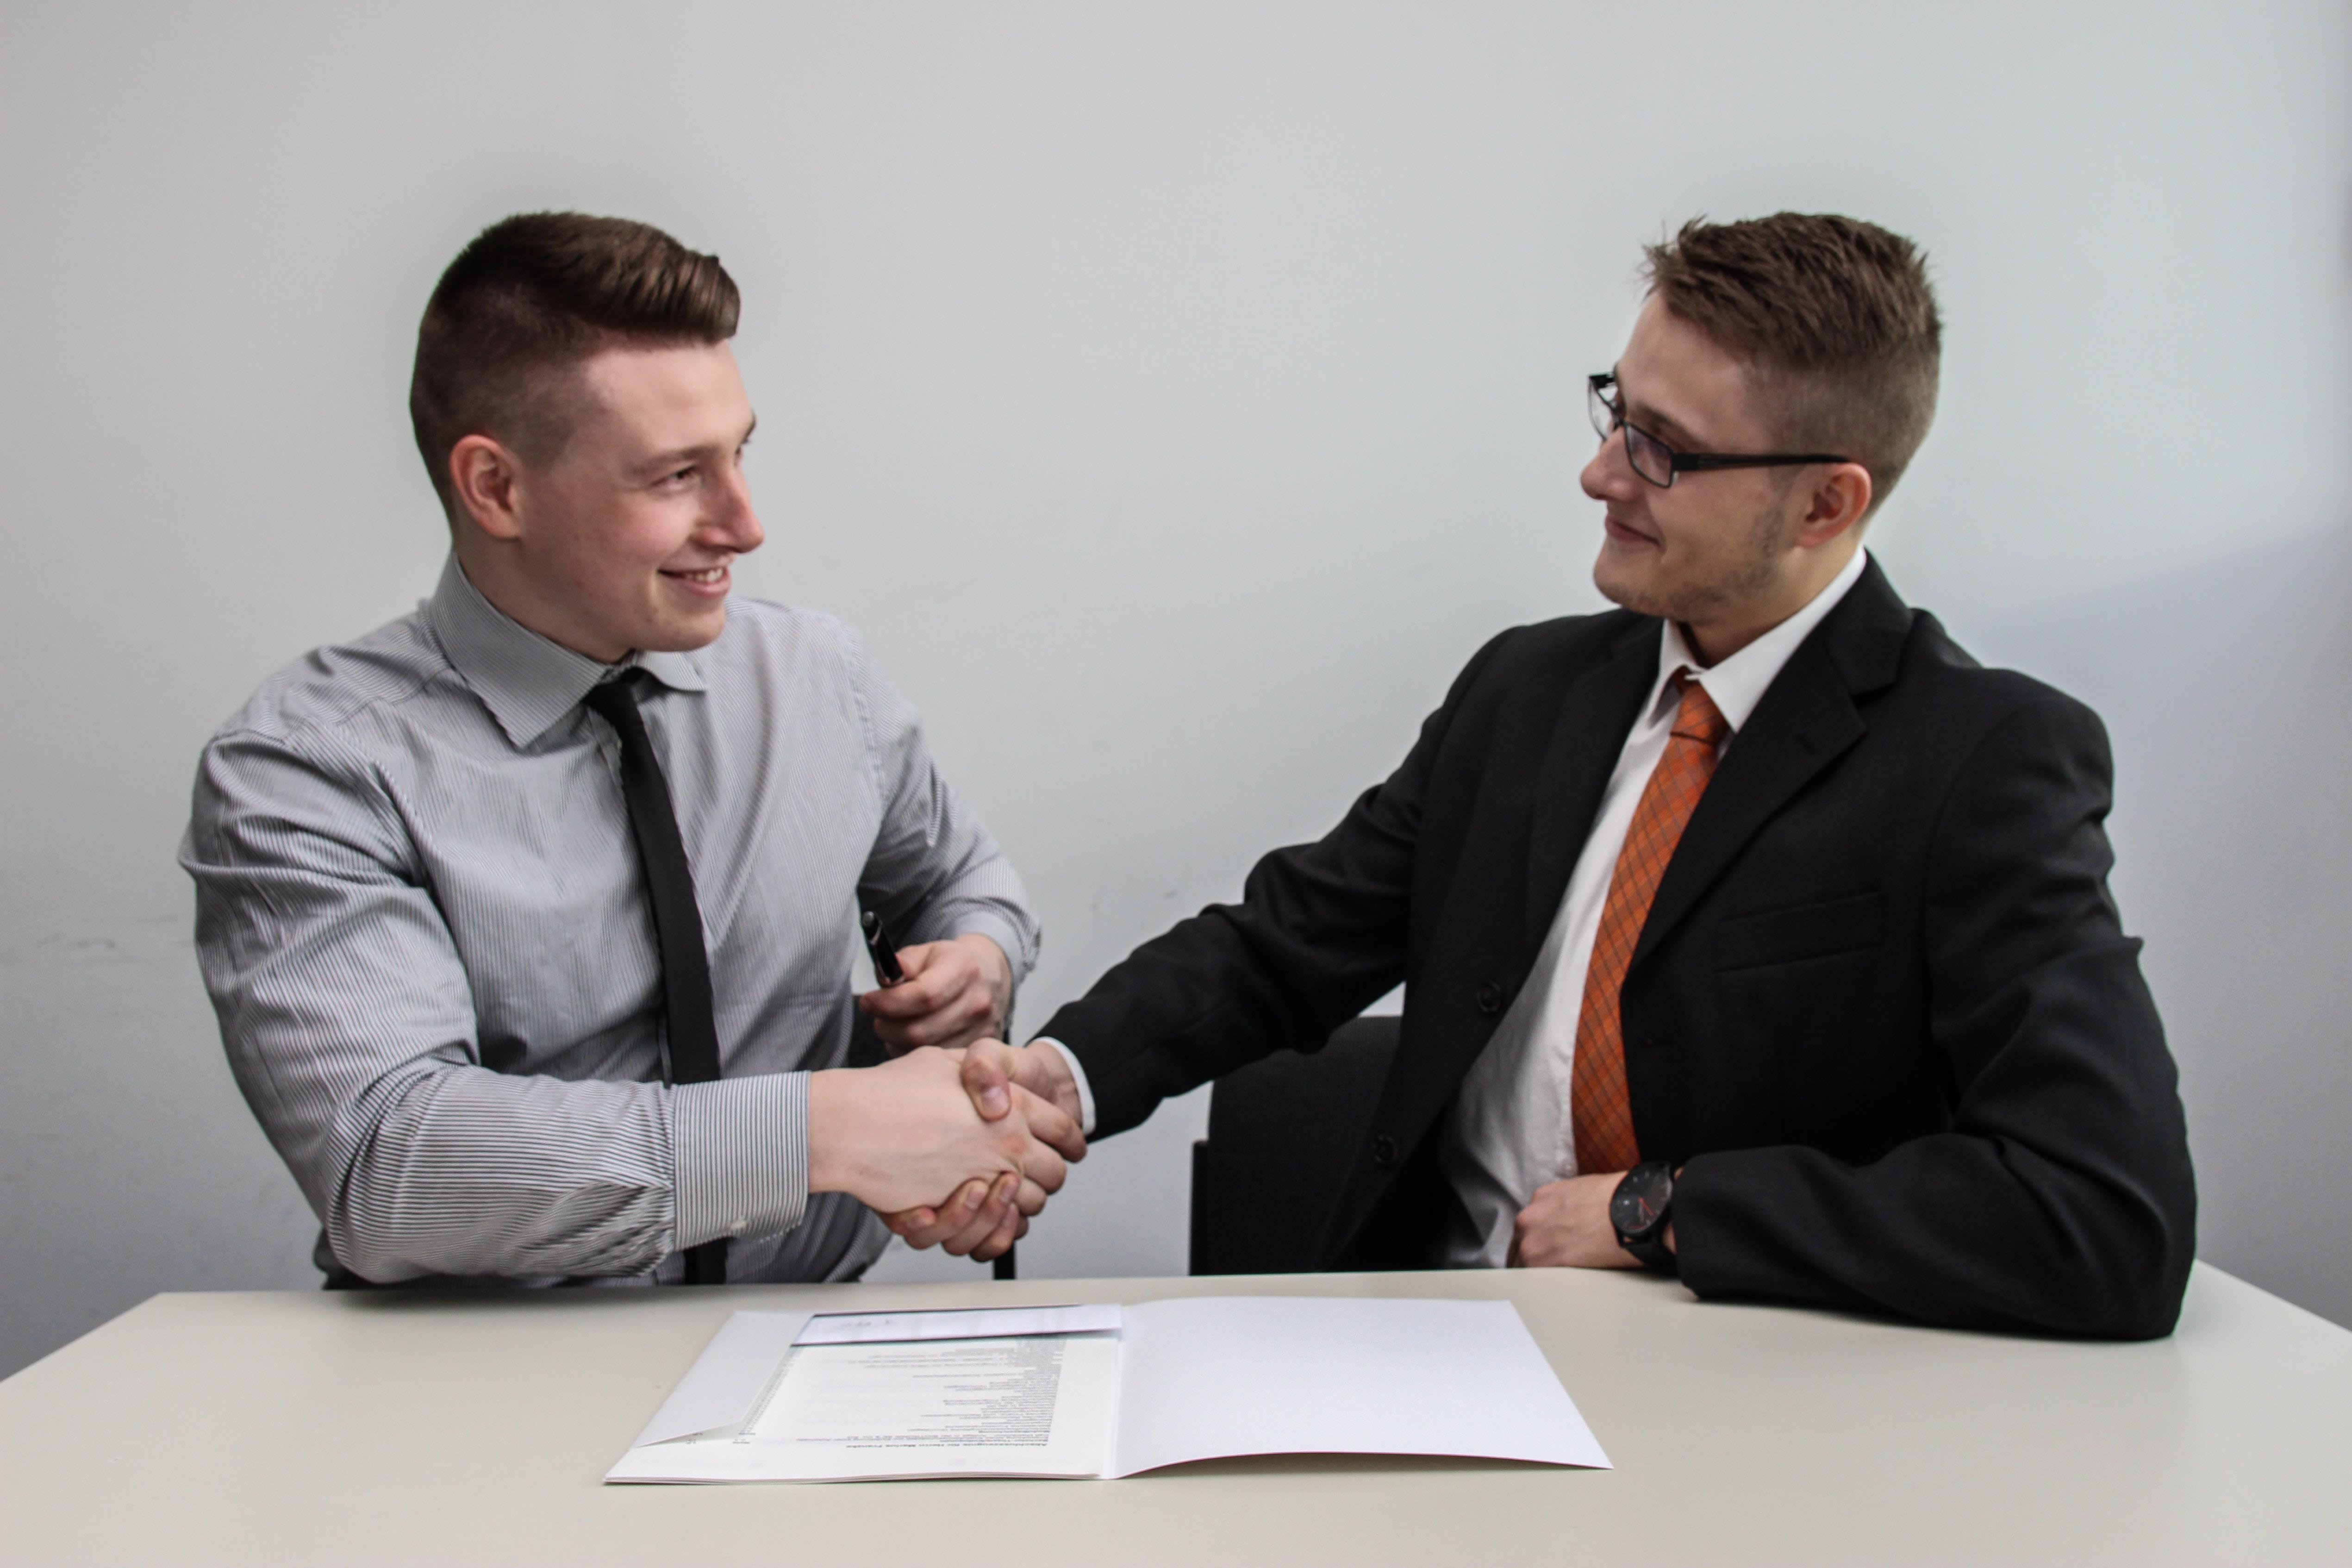 Internal Vs External Recruitment